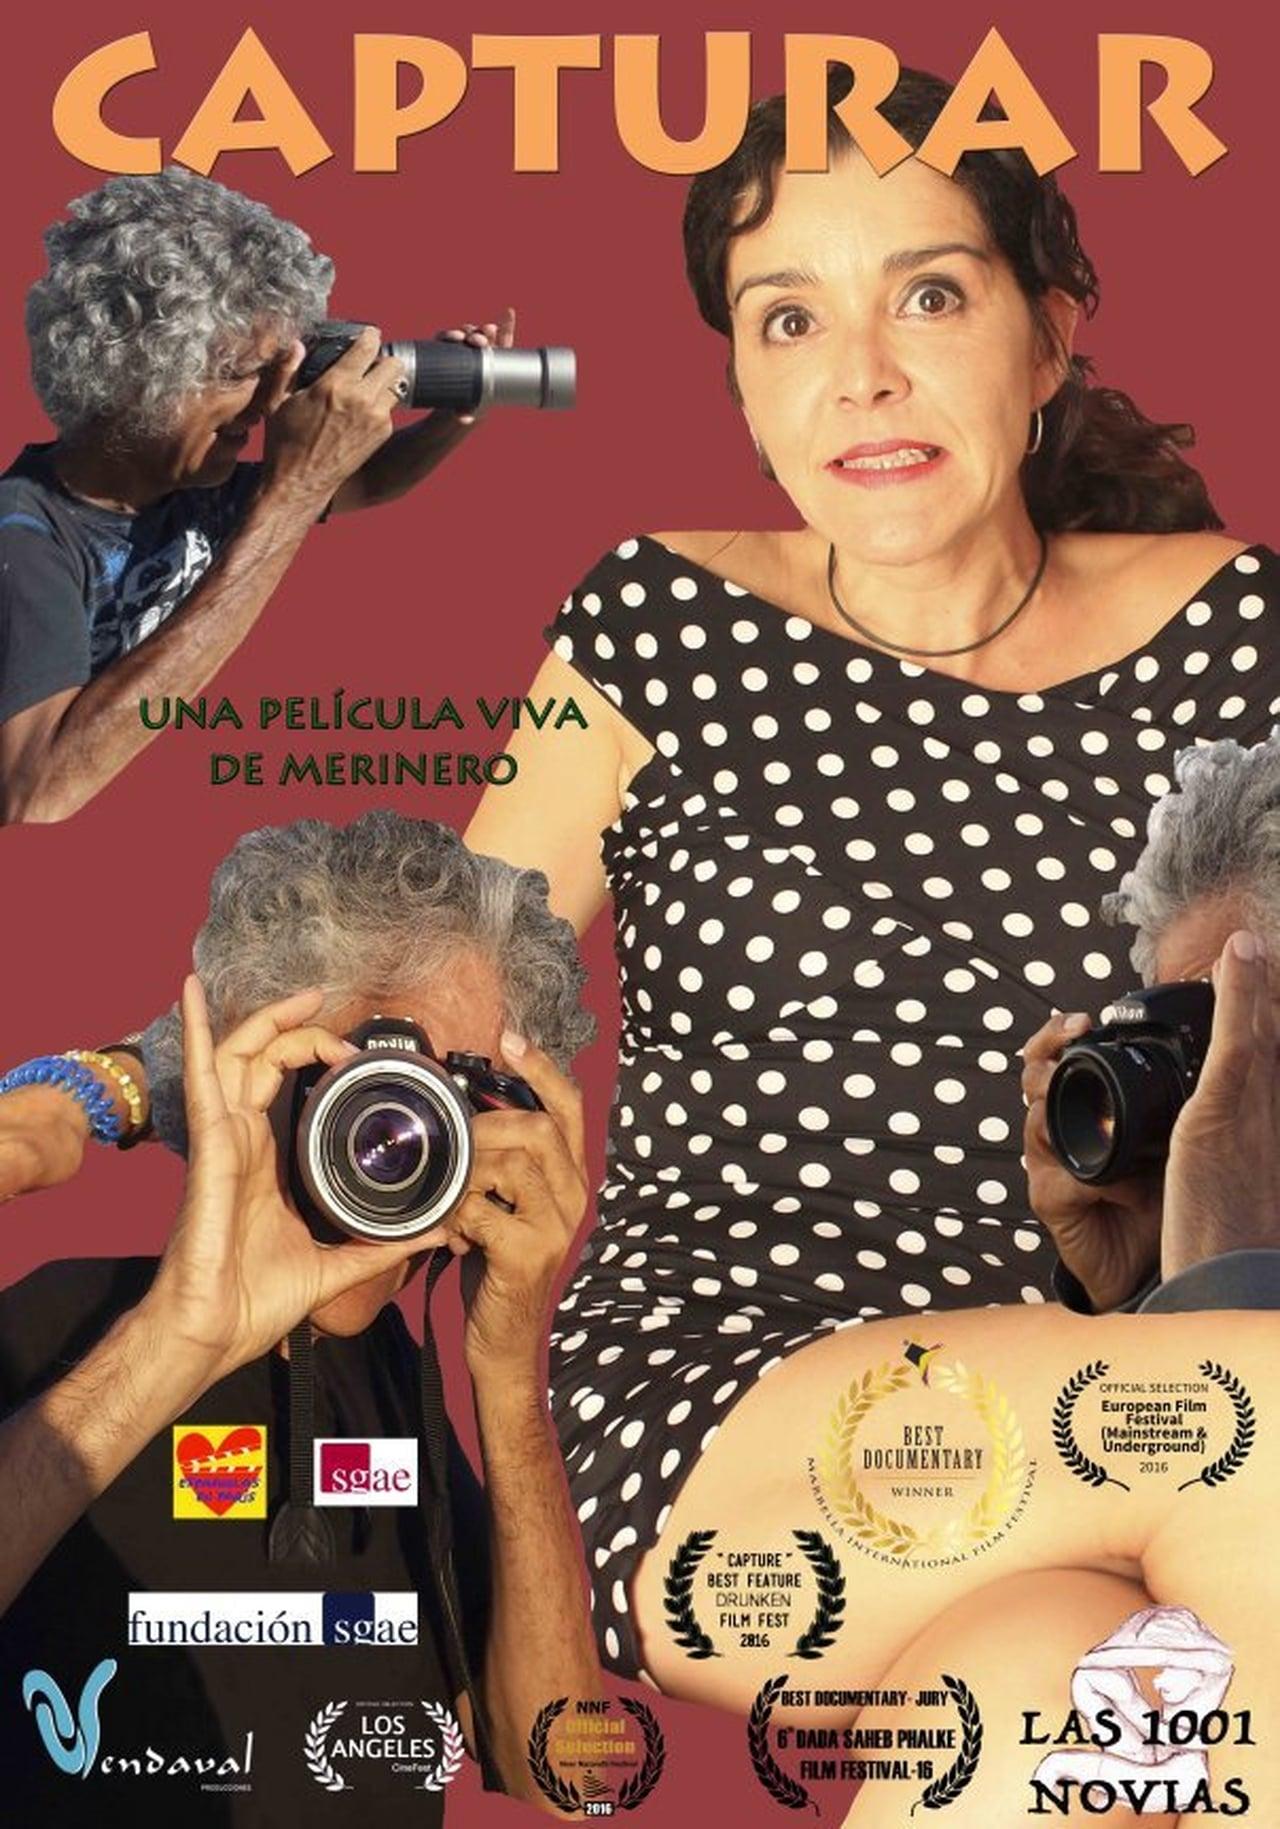 Capturar (Las 1001 novias) (2017)